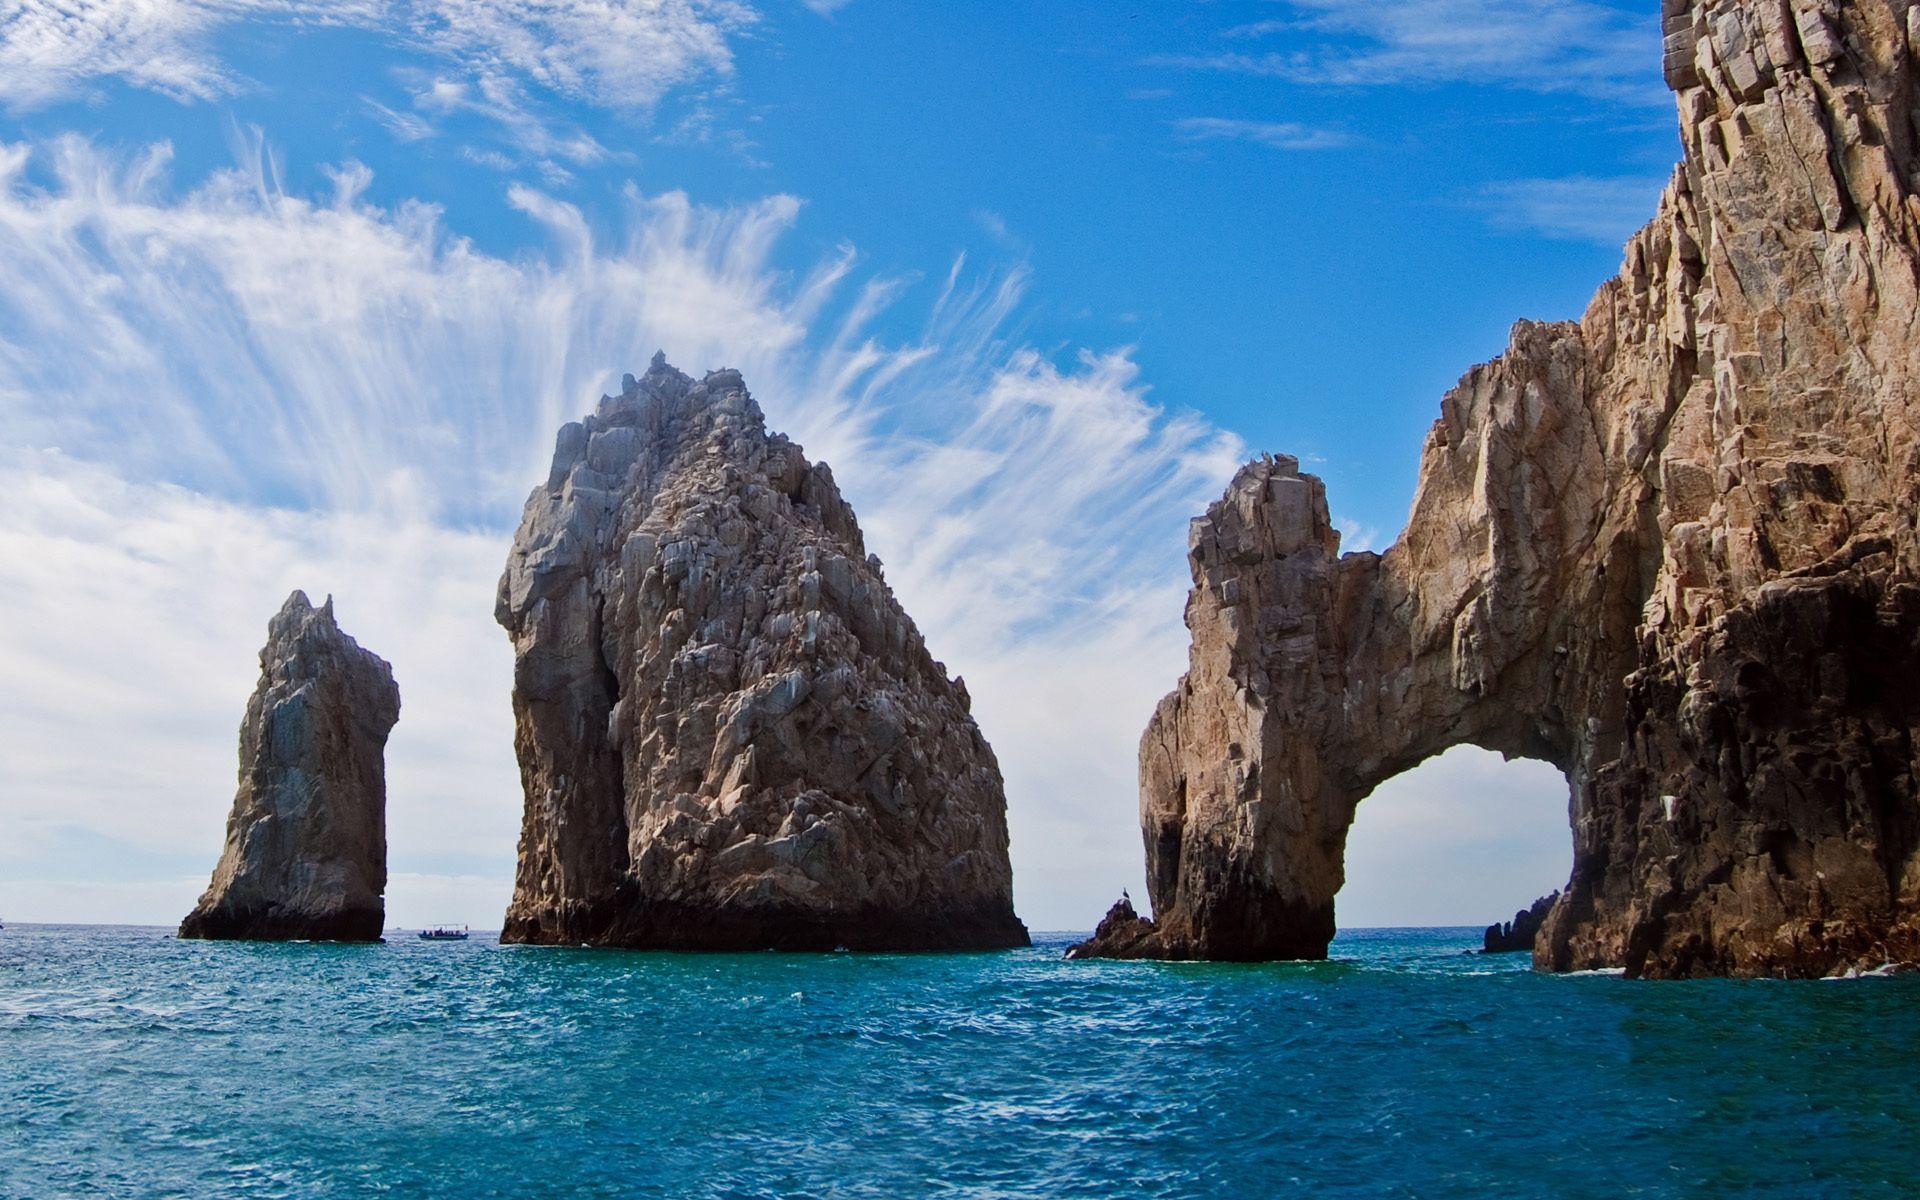 el arco de cabo san lucas or lands end cabo san lucas is a